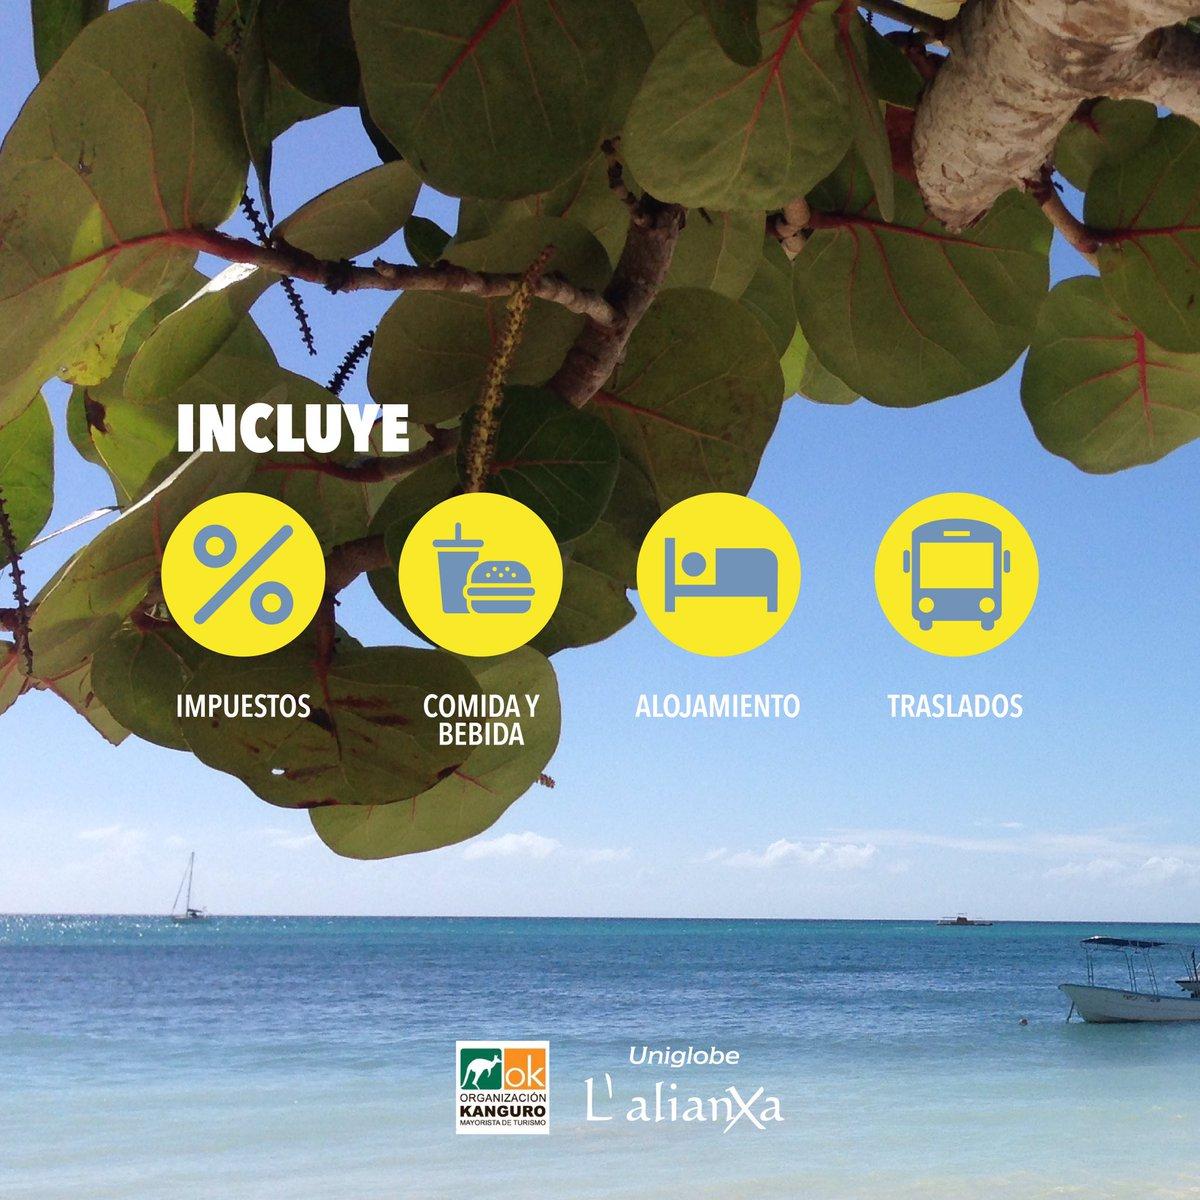 La Romana Desde 250 Laromana Traveling Fun Enjoy Trip Playa